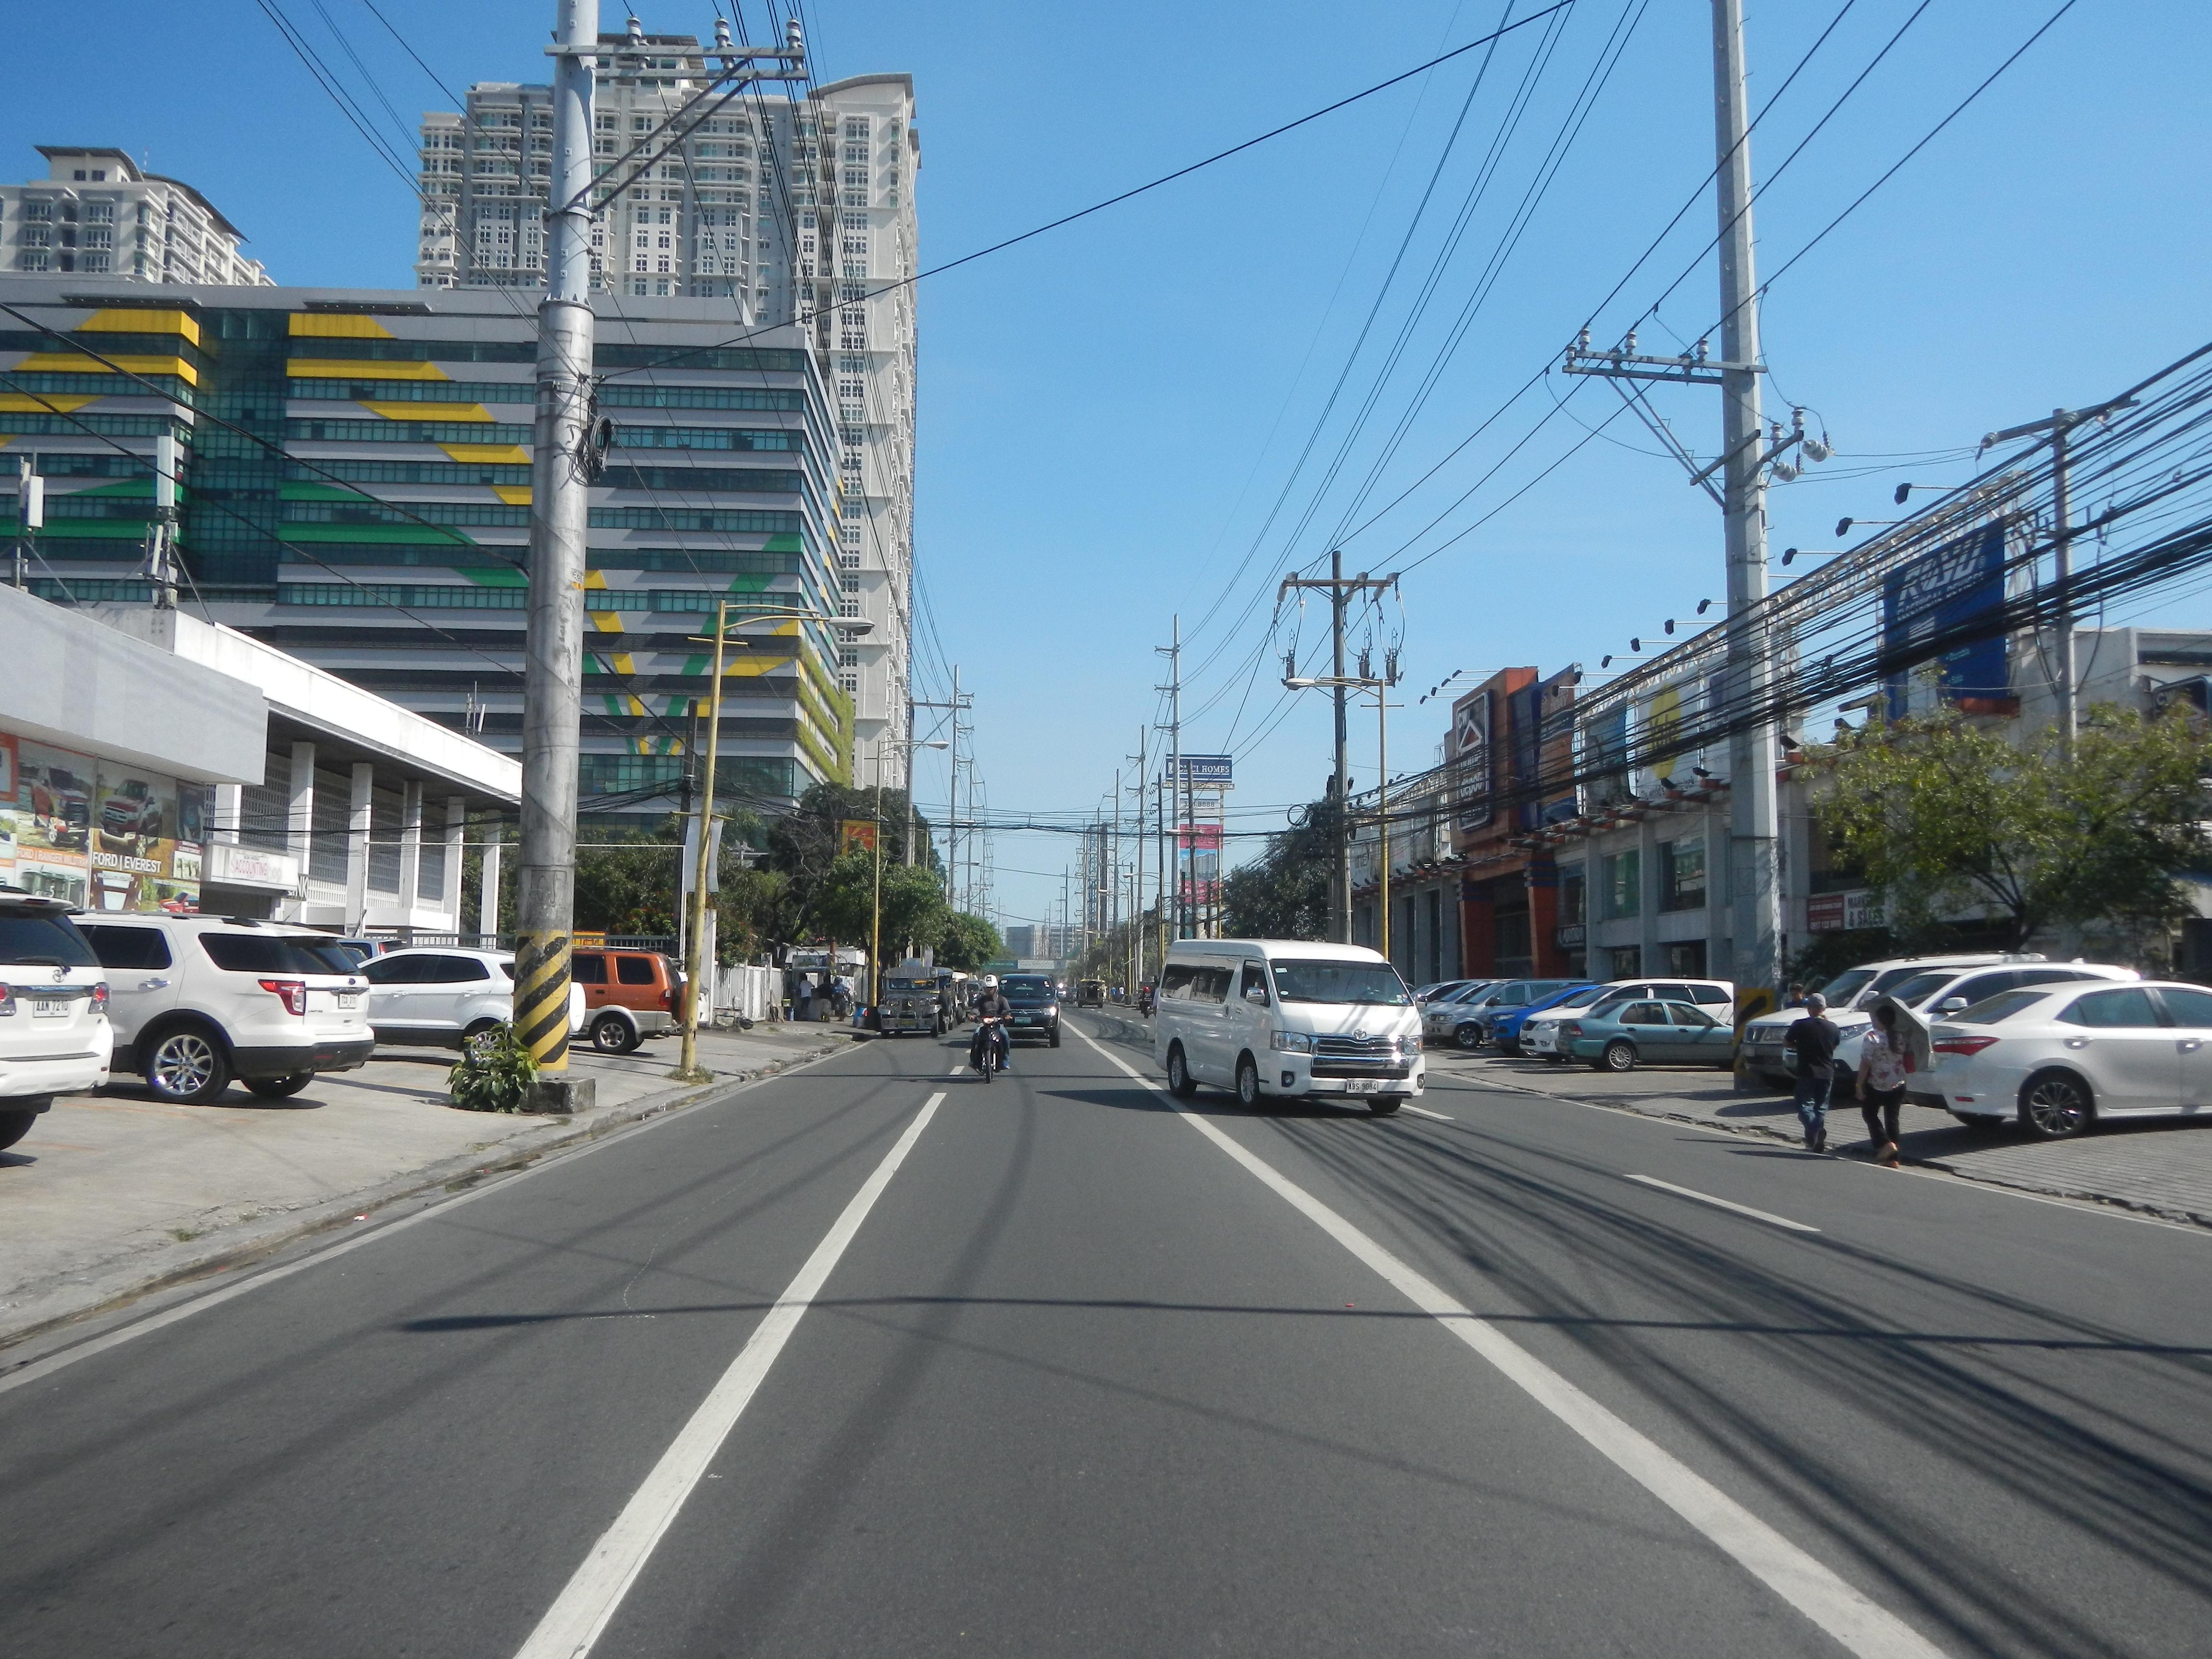 chino roces avenue - wikipedia